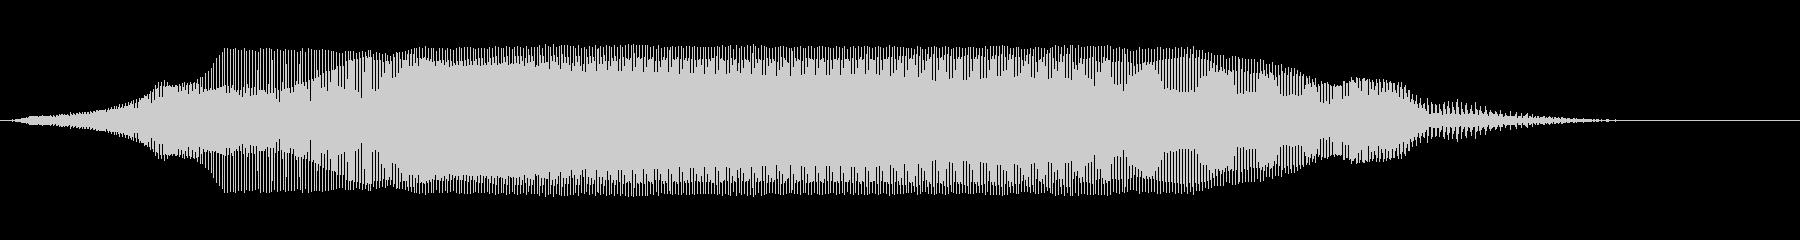 にゃーの未再生の波形